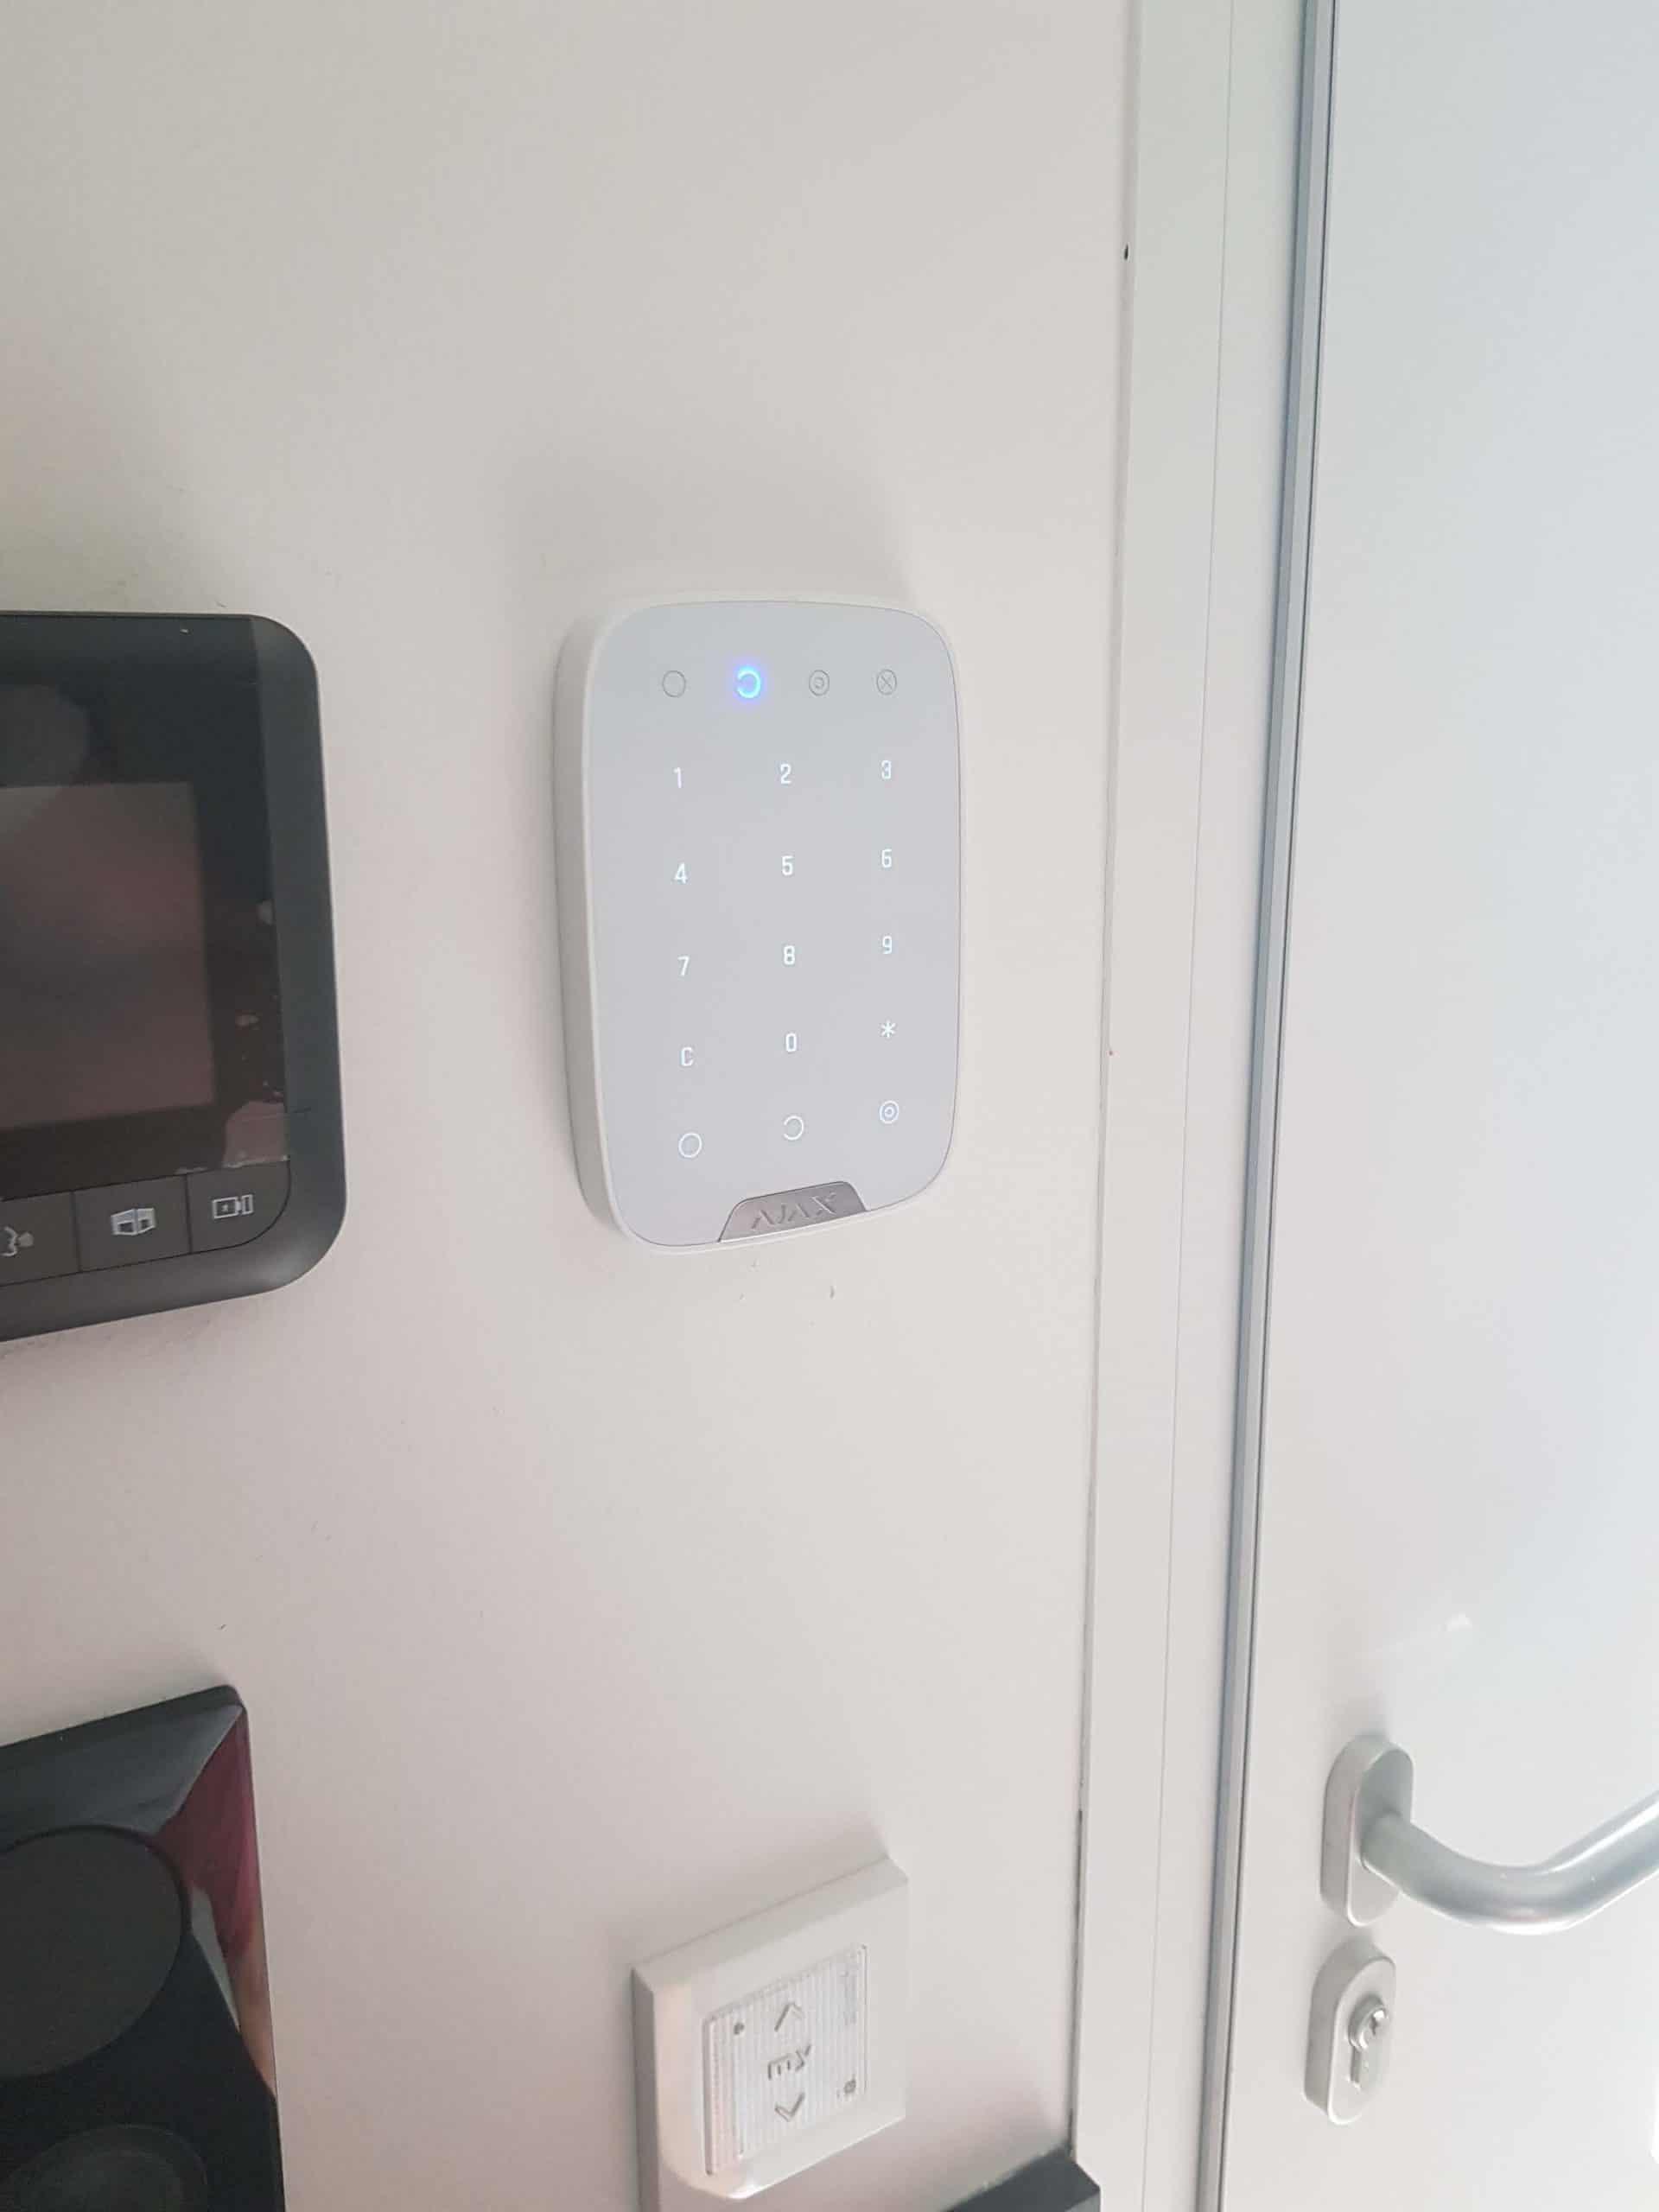 Equipement d'alarme sans fil pour maison individuelle proche de Vitrolles